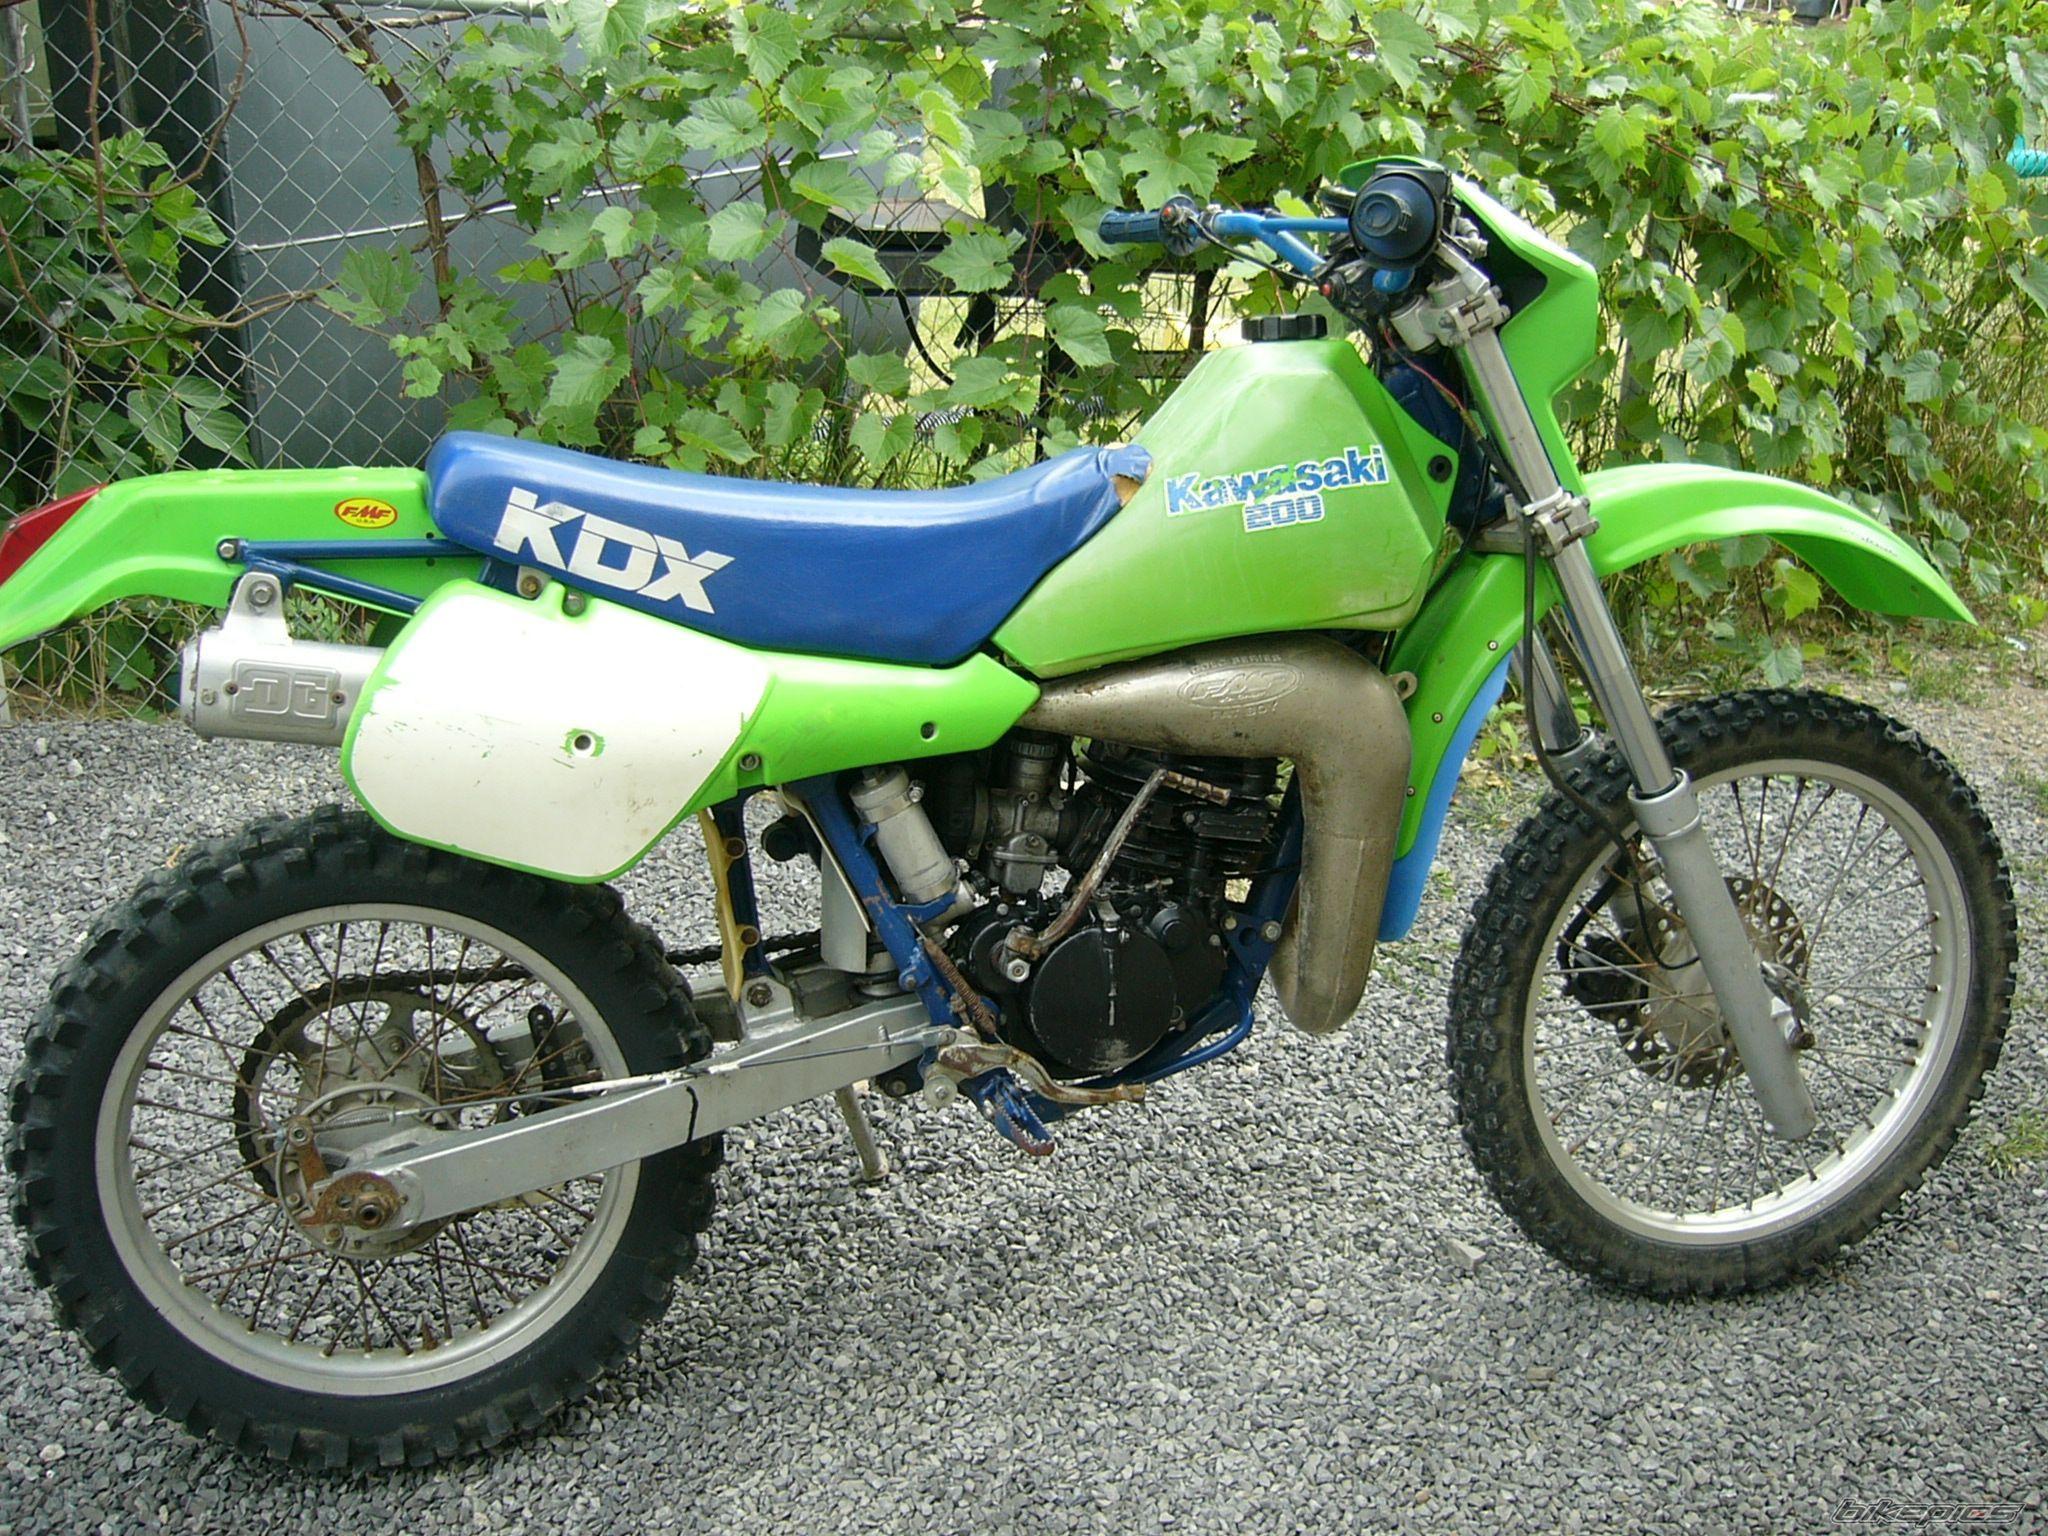 1985 Kawasaki Kdx 175